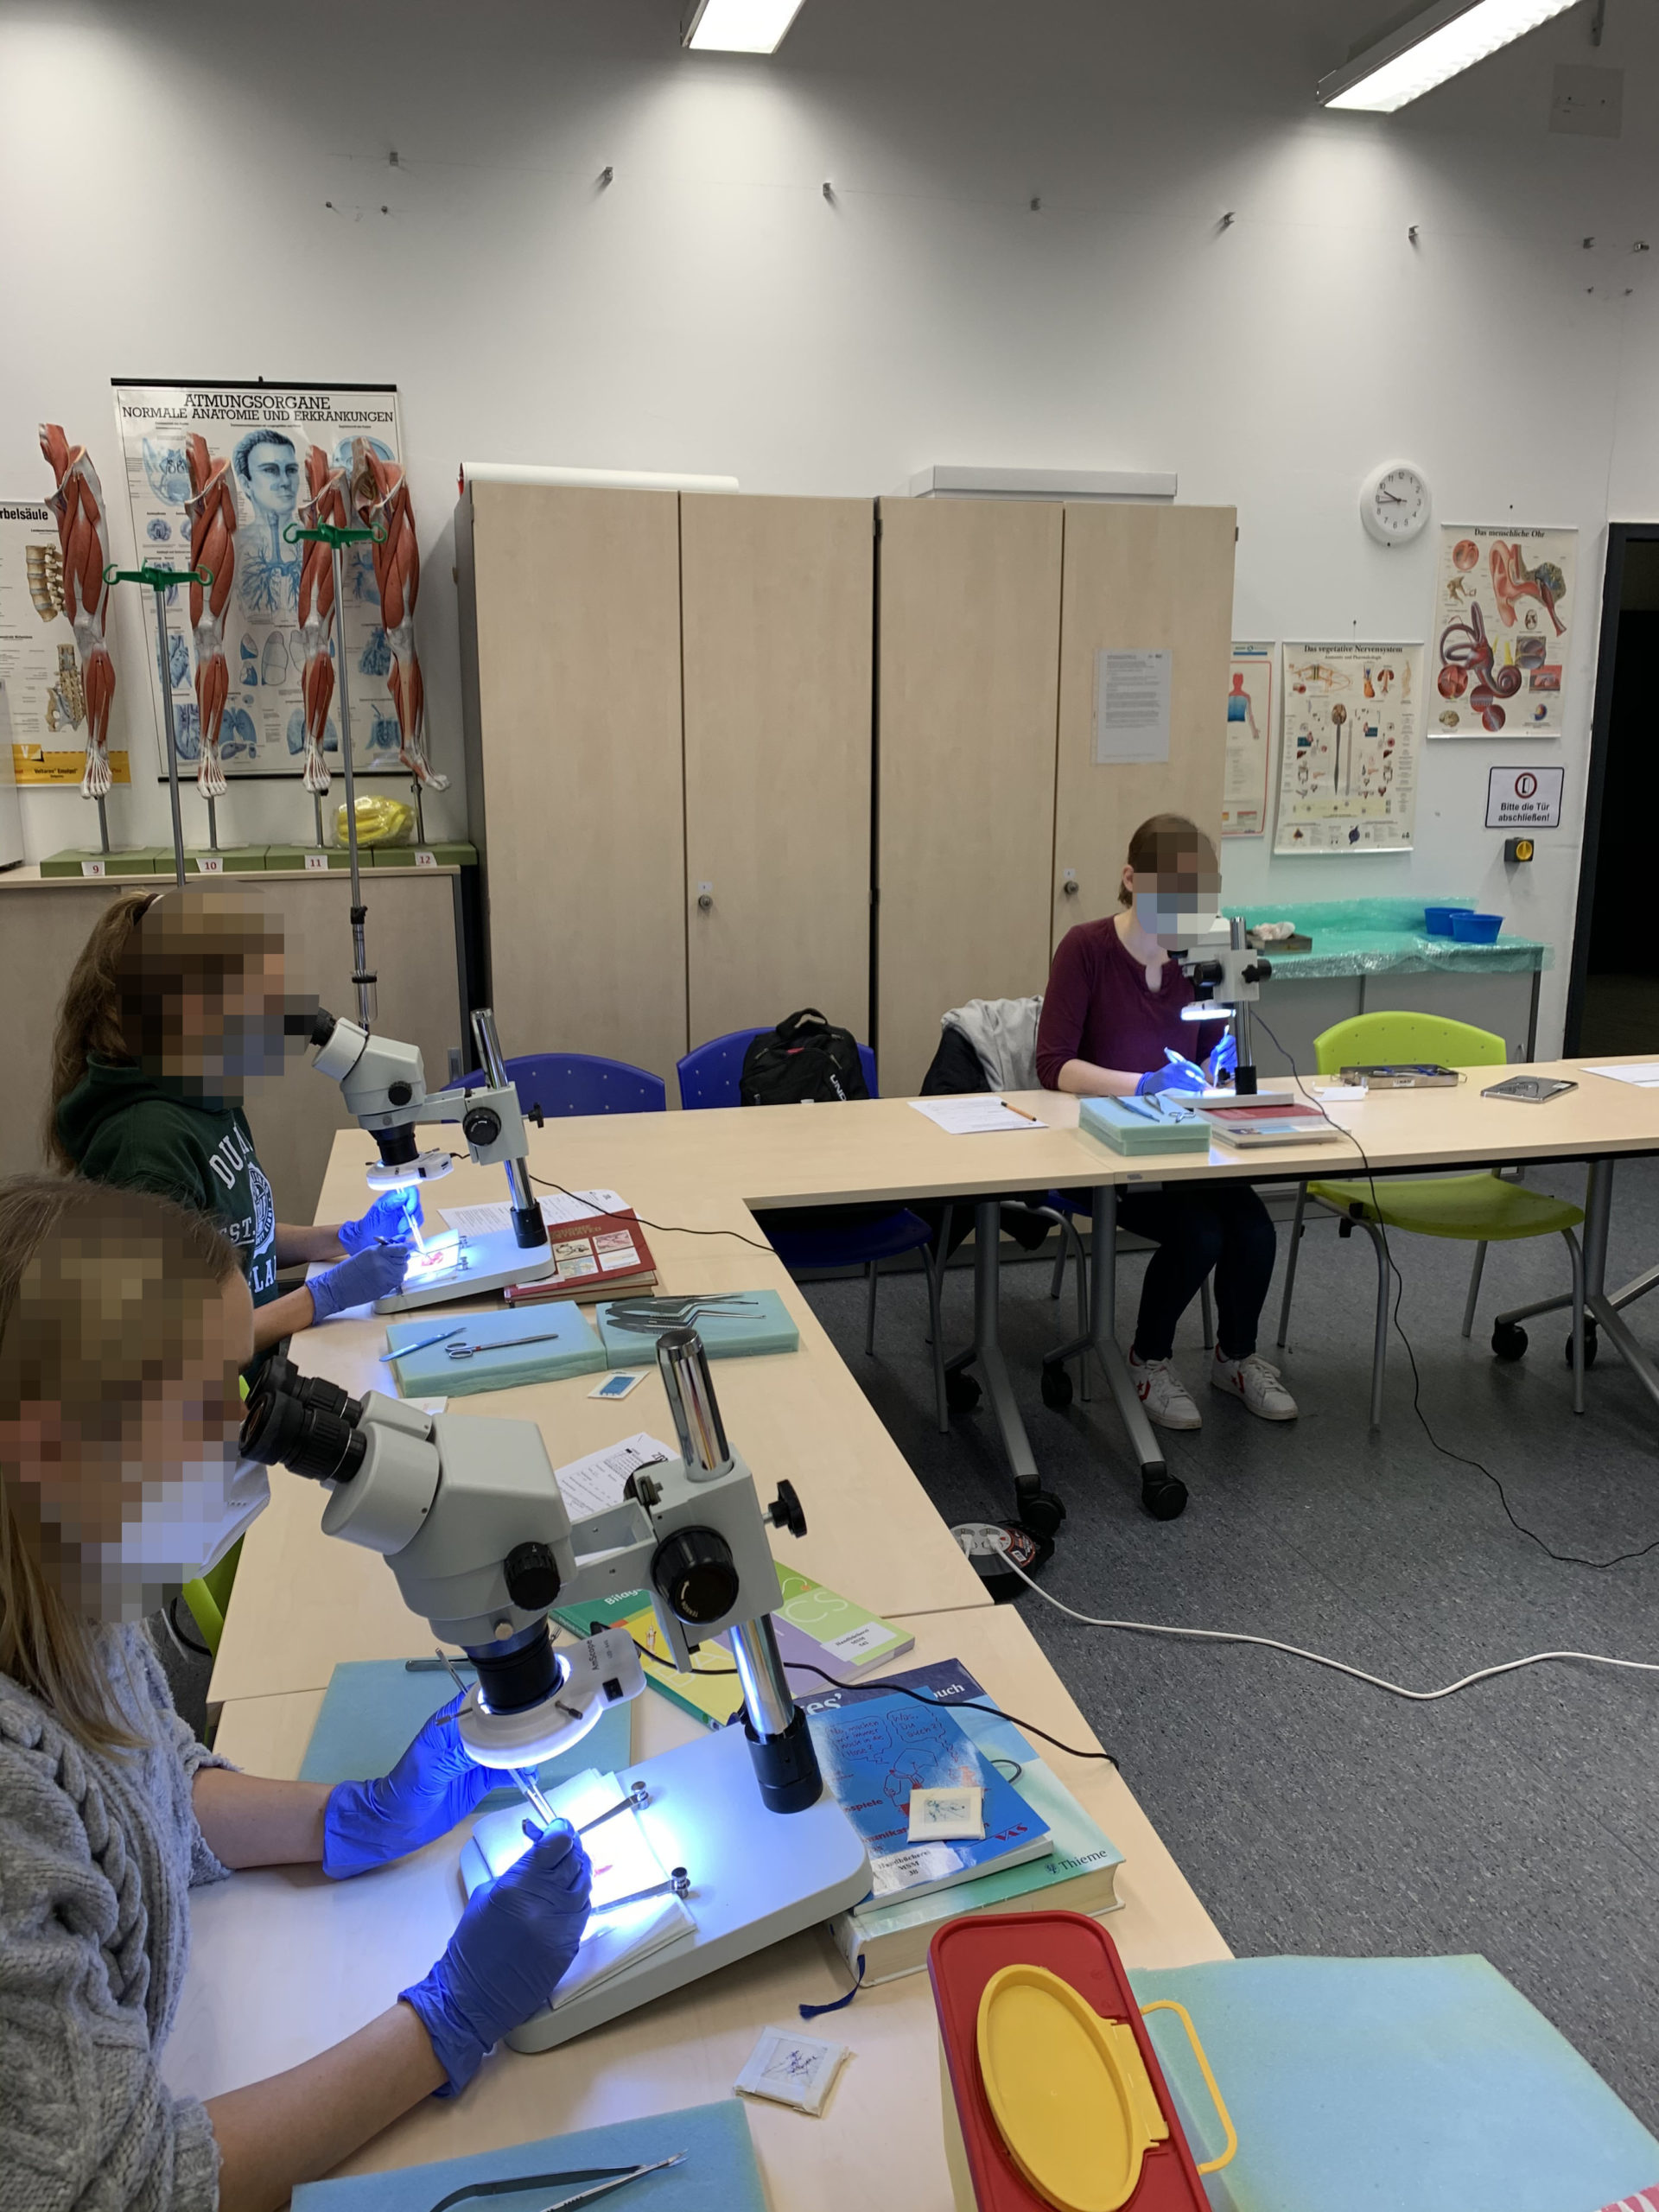 Wahlpflichtfach: Mikrochirurgie 18